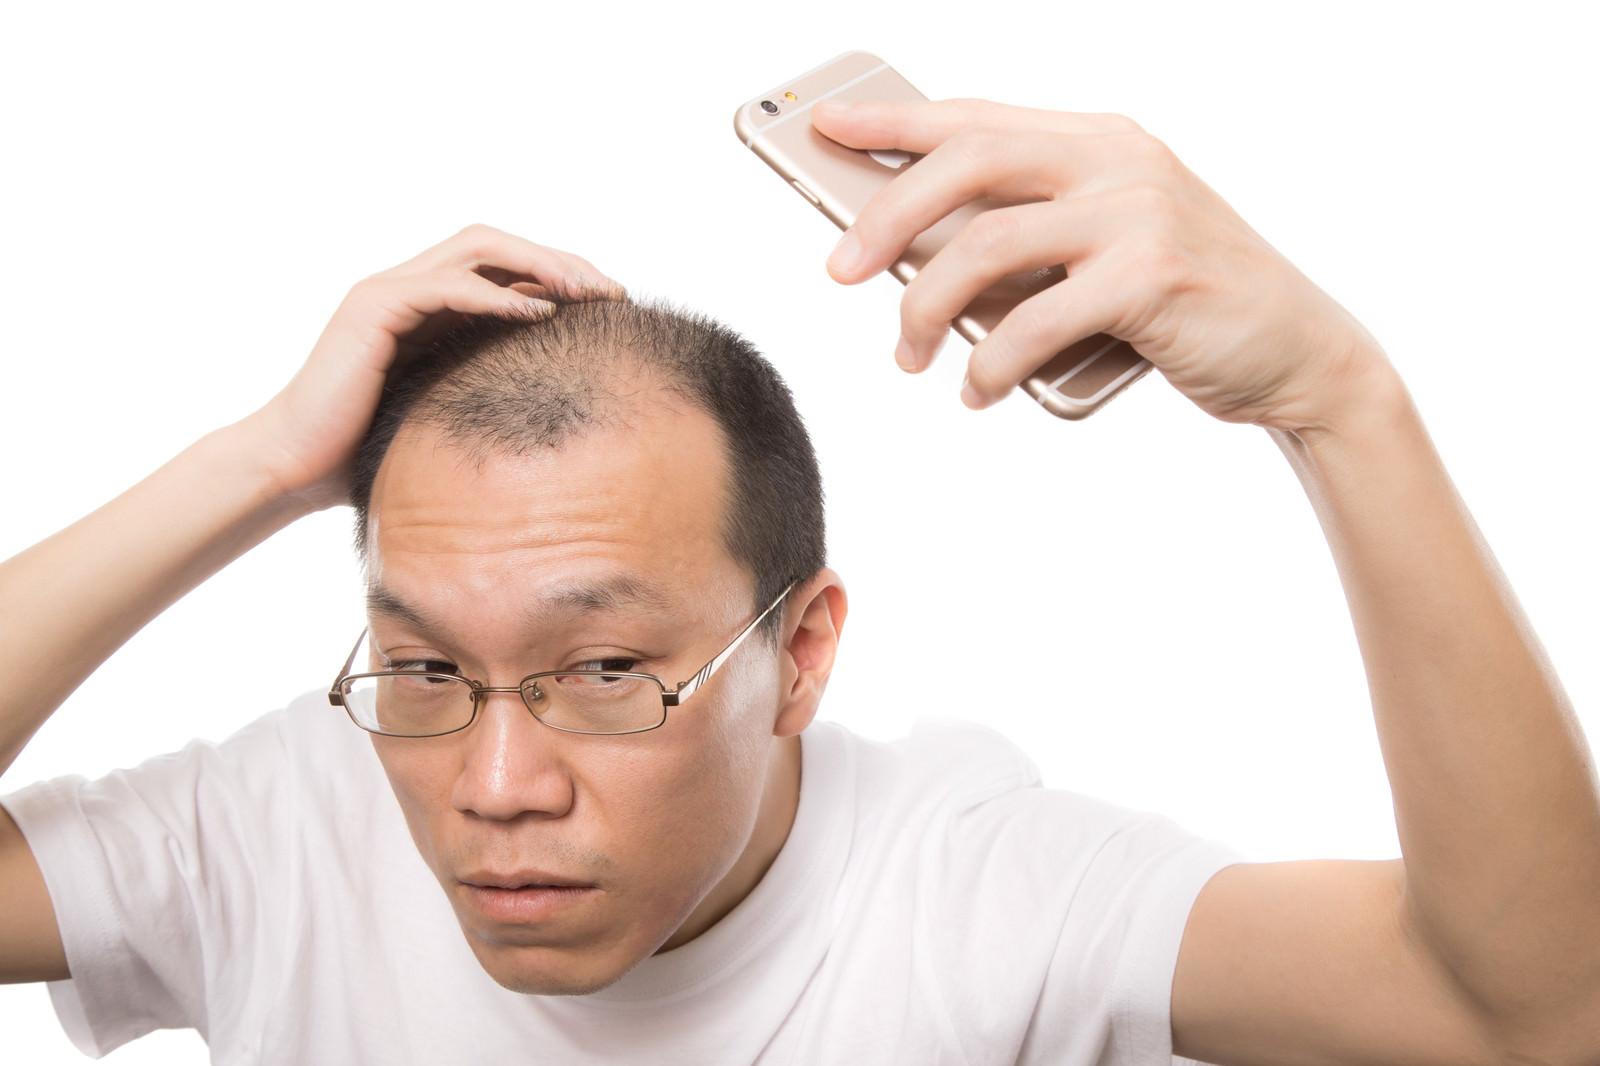 「スマホの自撮りで薄毛をチェックする禿げ男性」の写真[モデル:サンライズ鈴木]